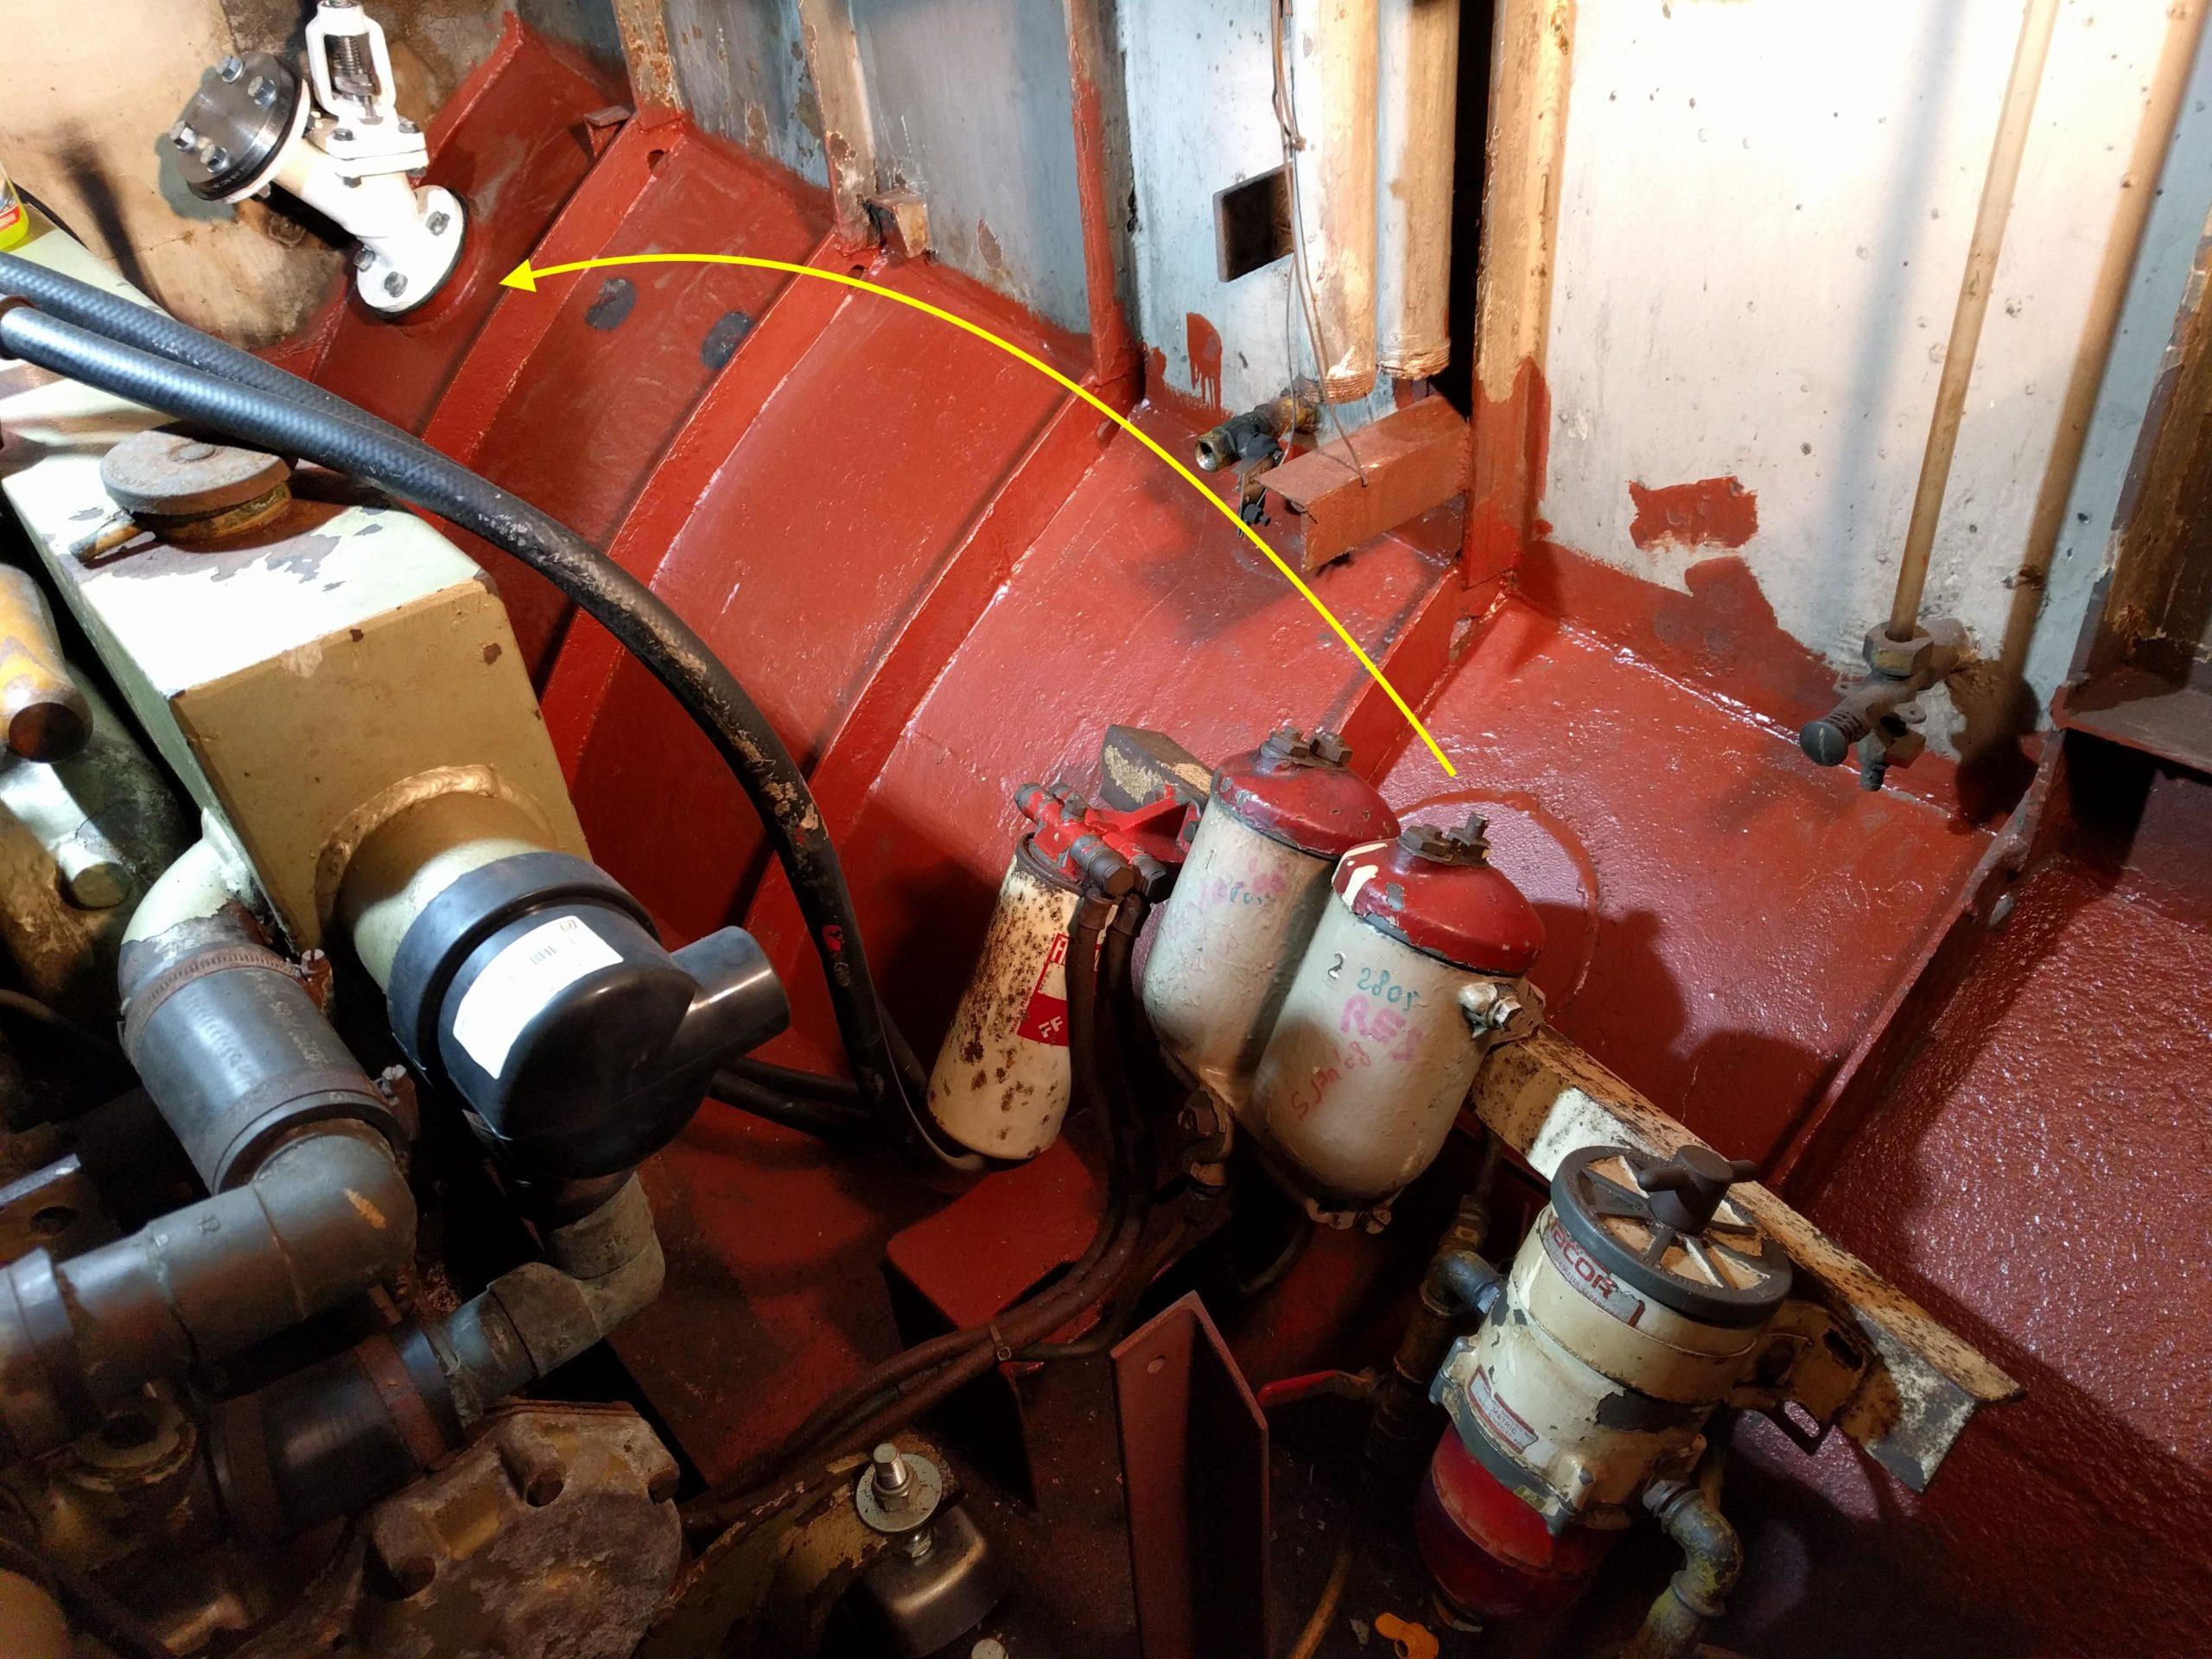 verplaatsing zeeventiel machinekamer Baltic